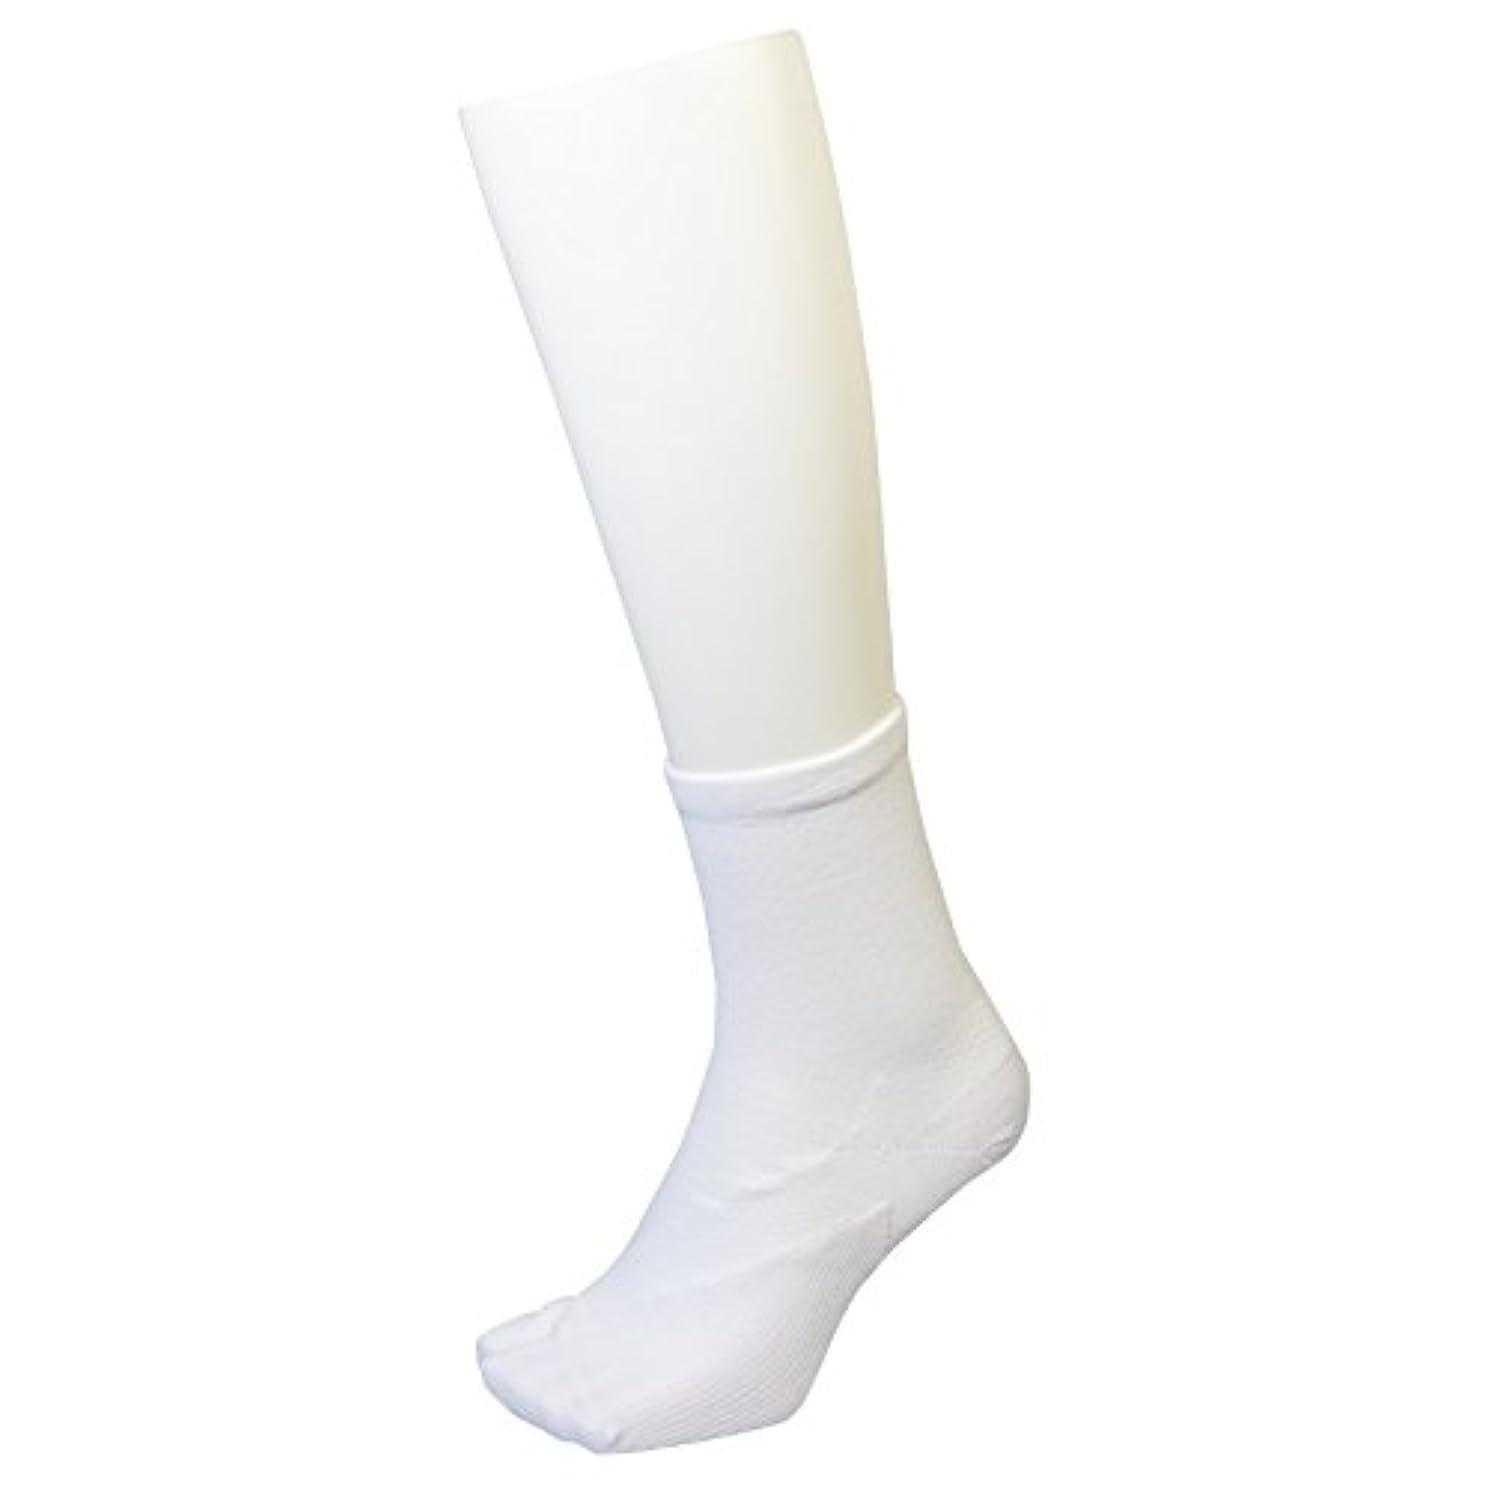 コカイン公然とハードウェアさとう式 フレクサーソックス クルー 白 (S) 足袋型